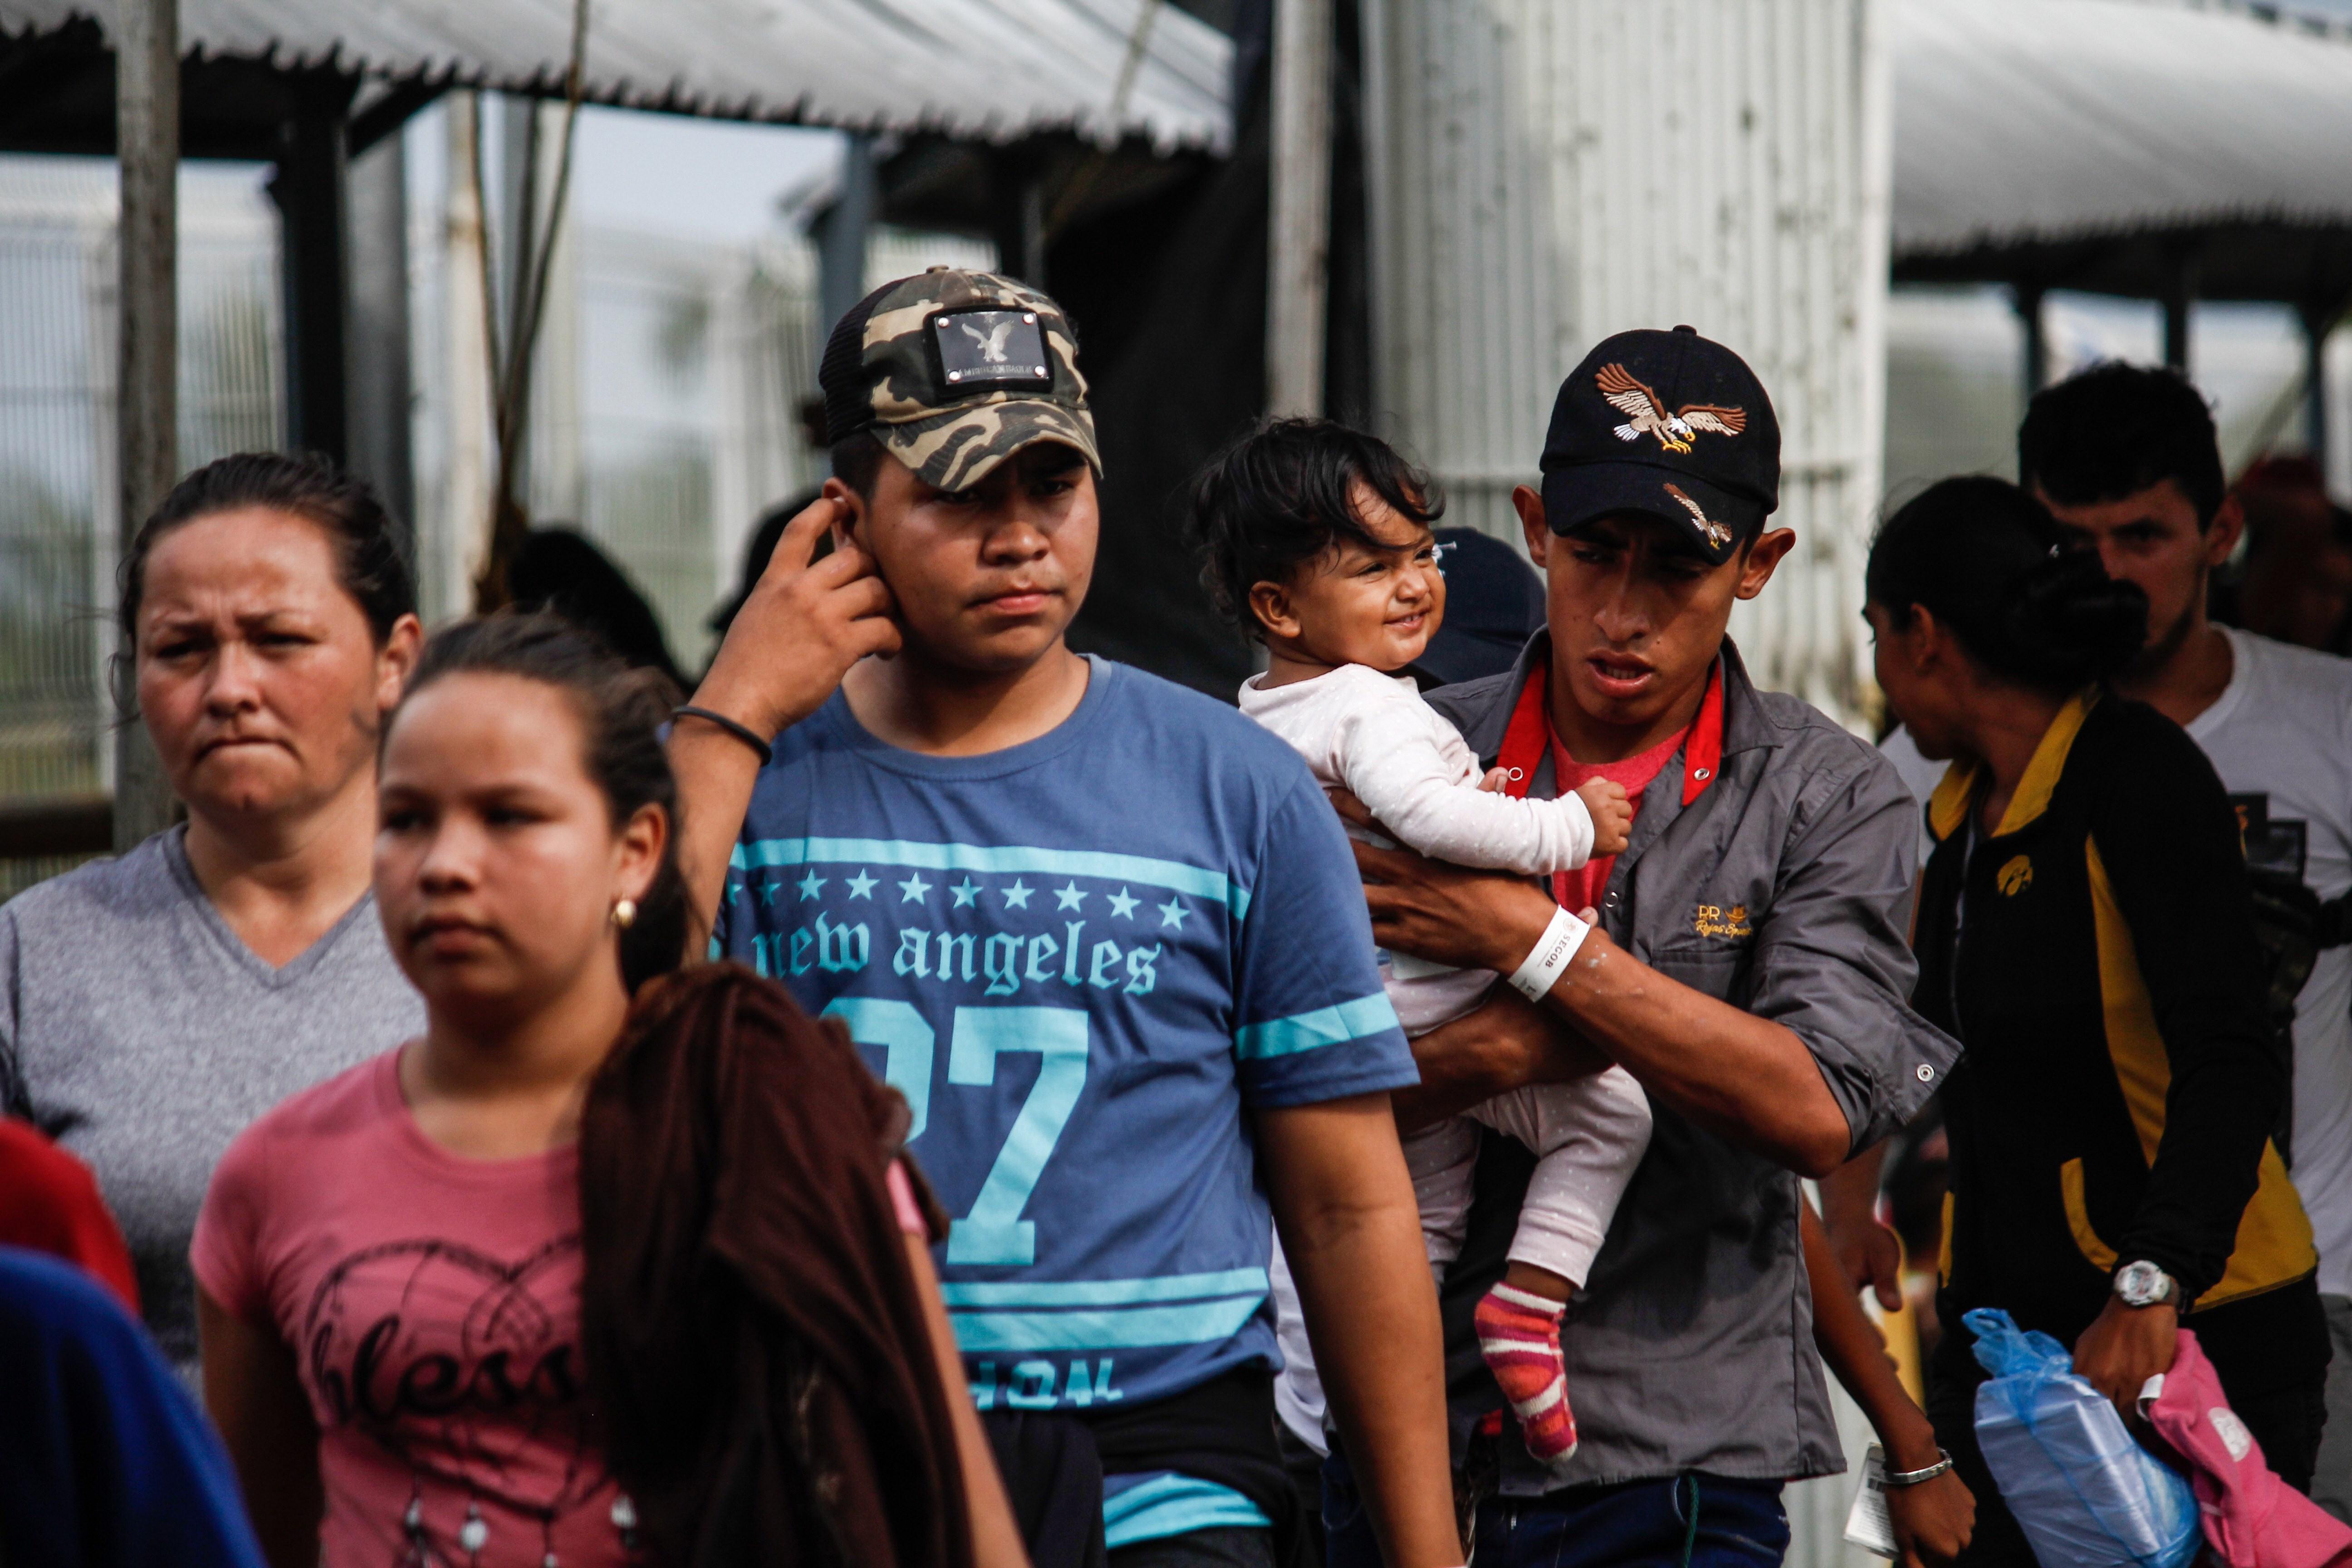 Unos 400 hondureños inician otra caravana con rumbo a EEUU, según medios